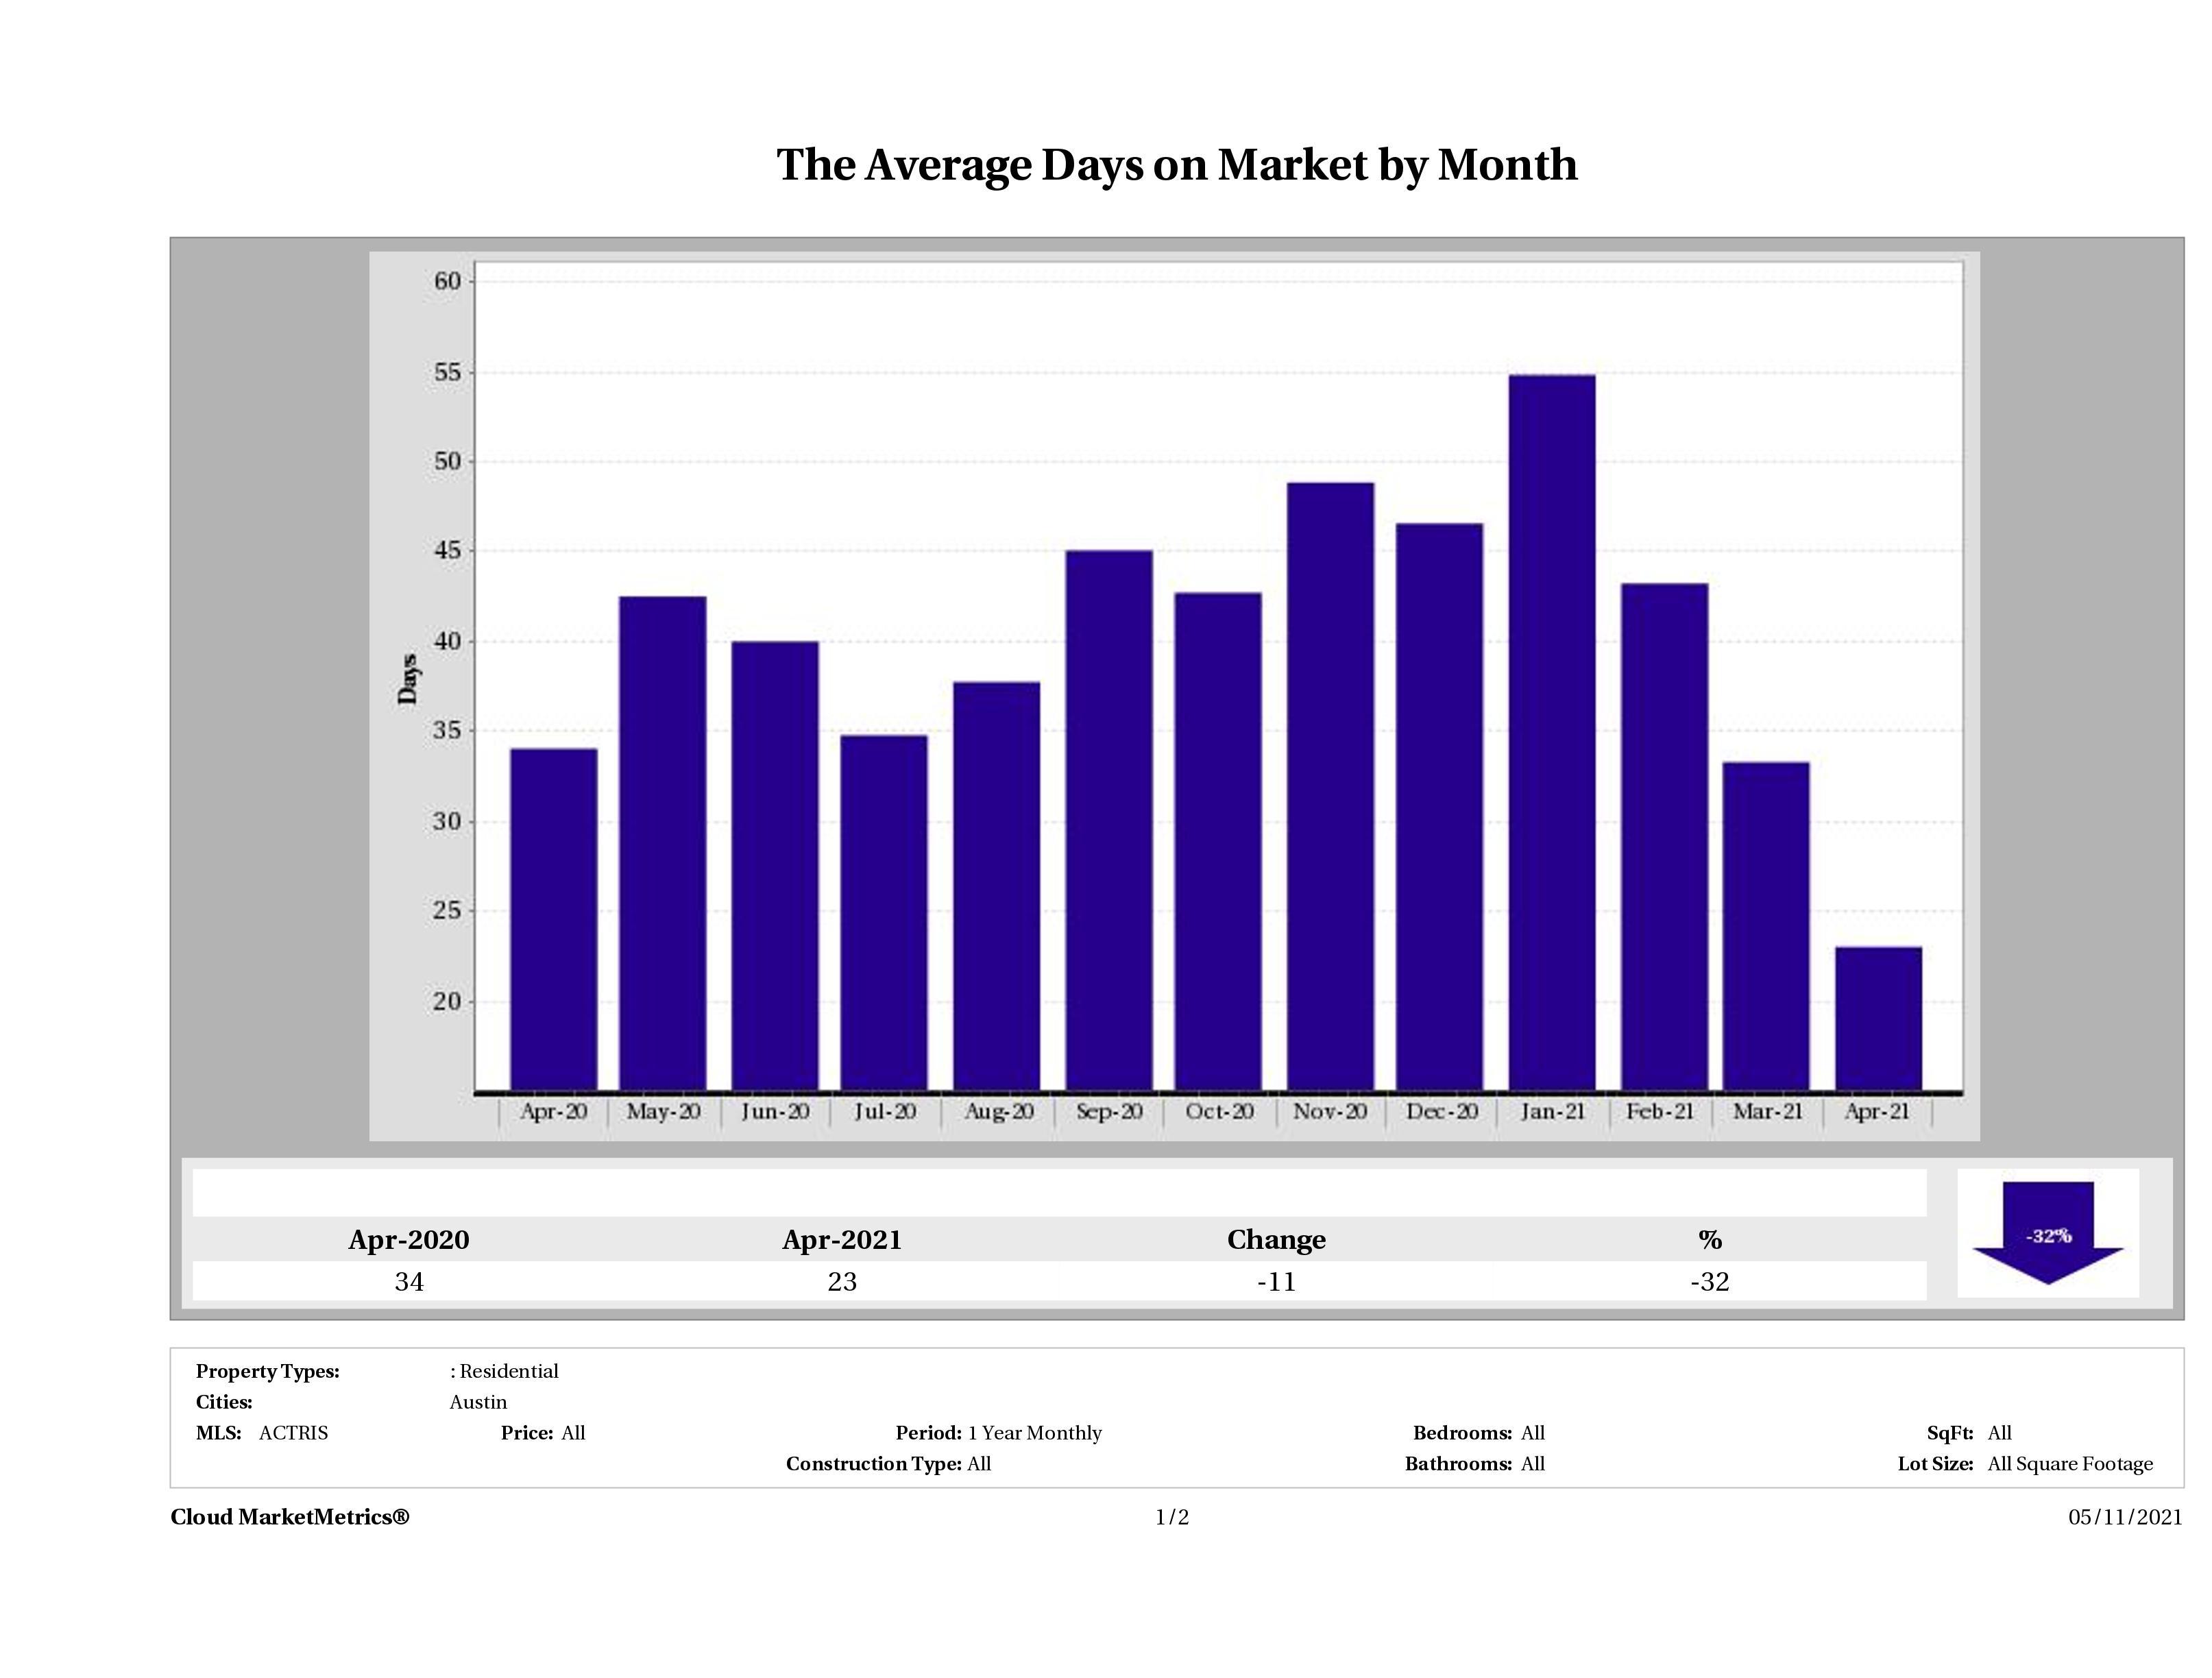 Austin condos average days on market April 2021